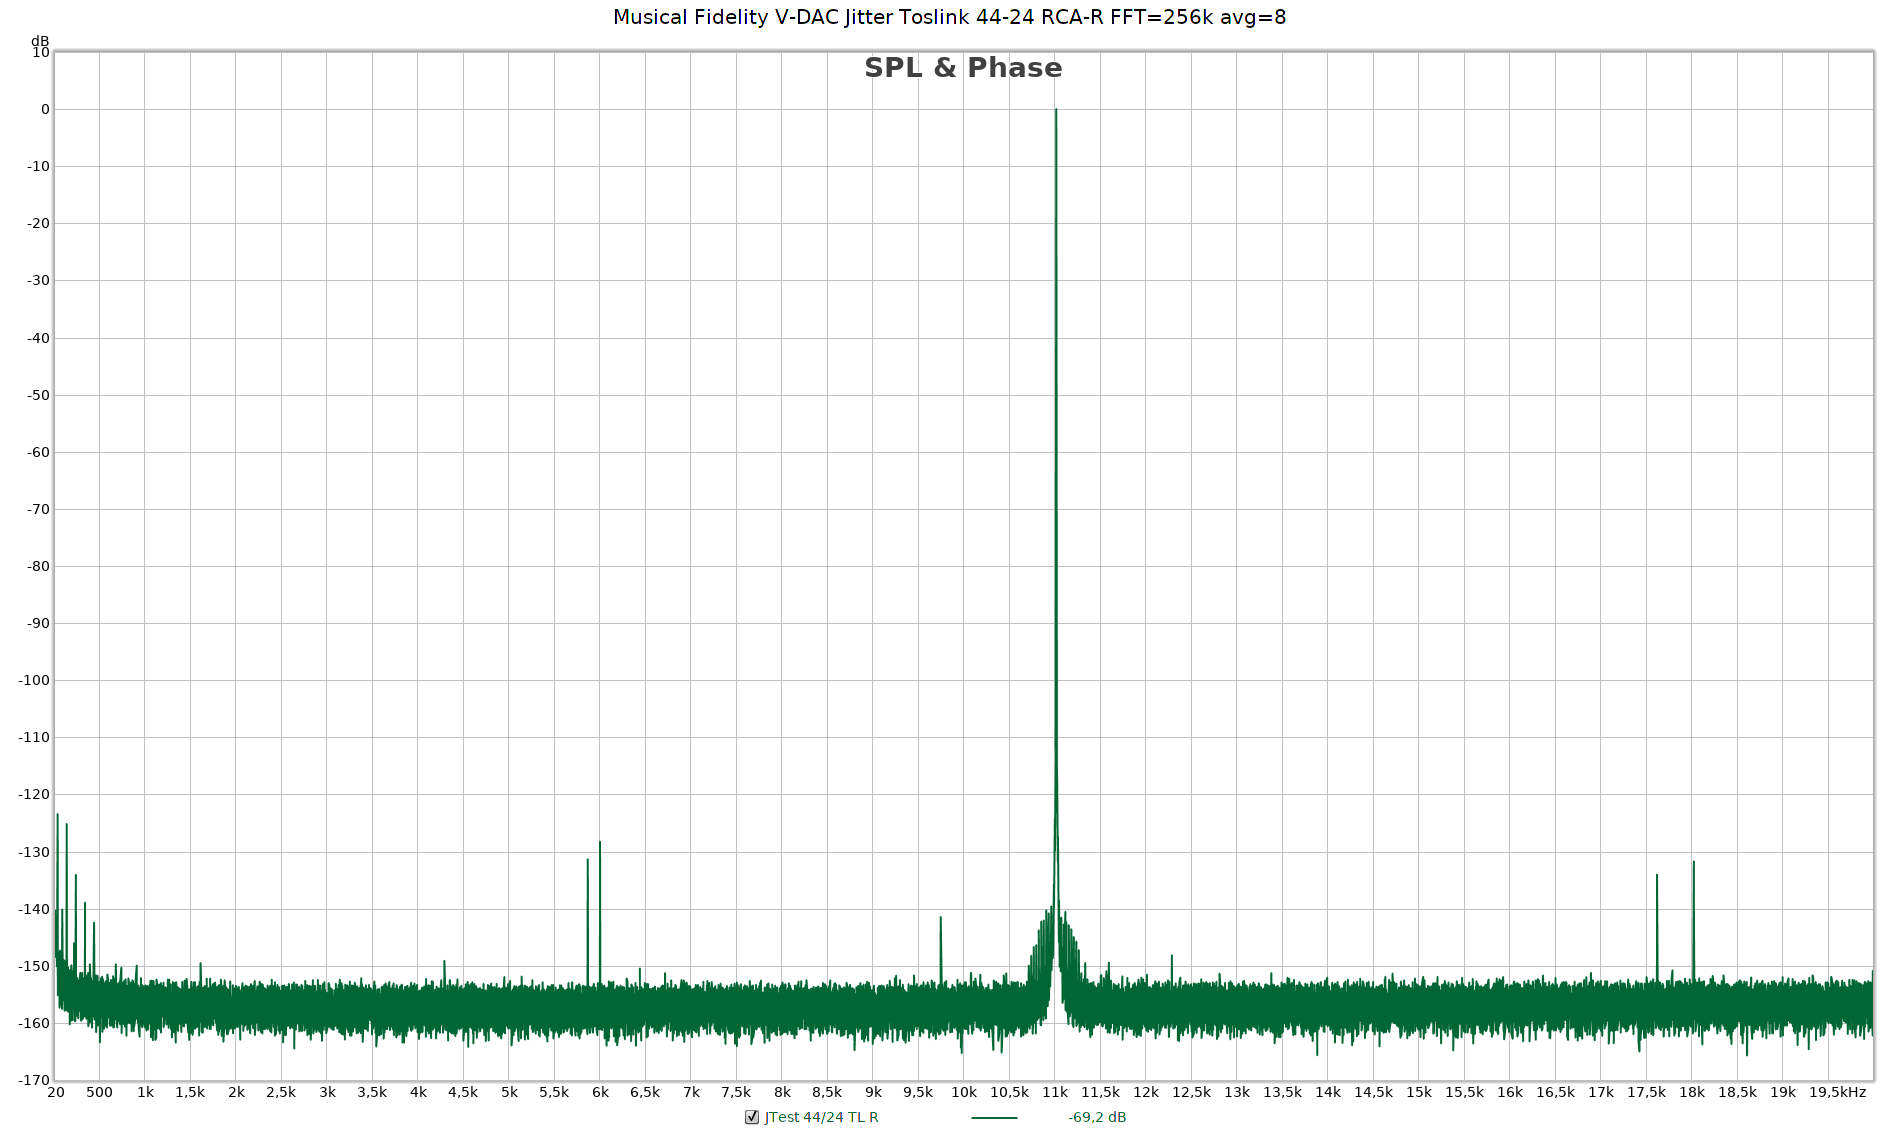 Musical Fidelity V-DAC Jitter Toslink 44-24 RCA-R FFT=256k avg=8.png